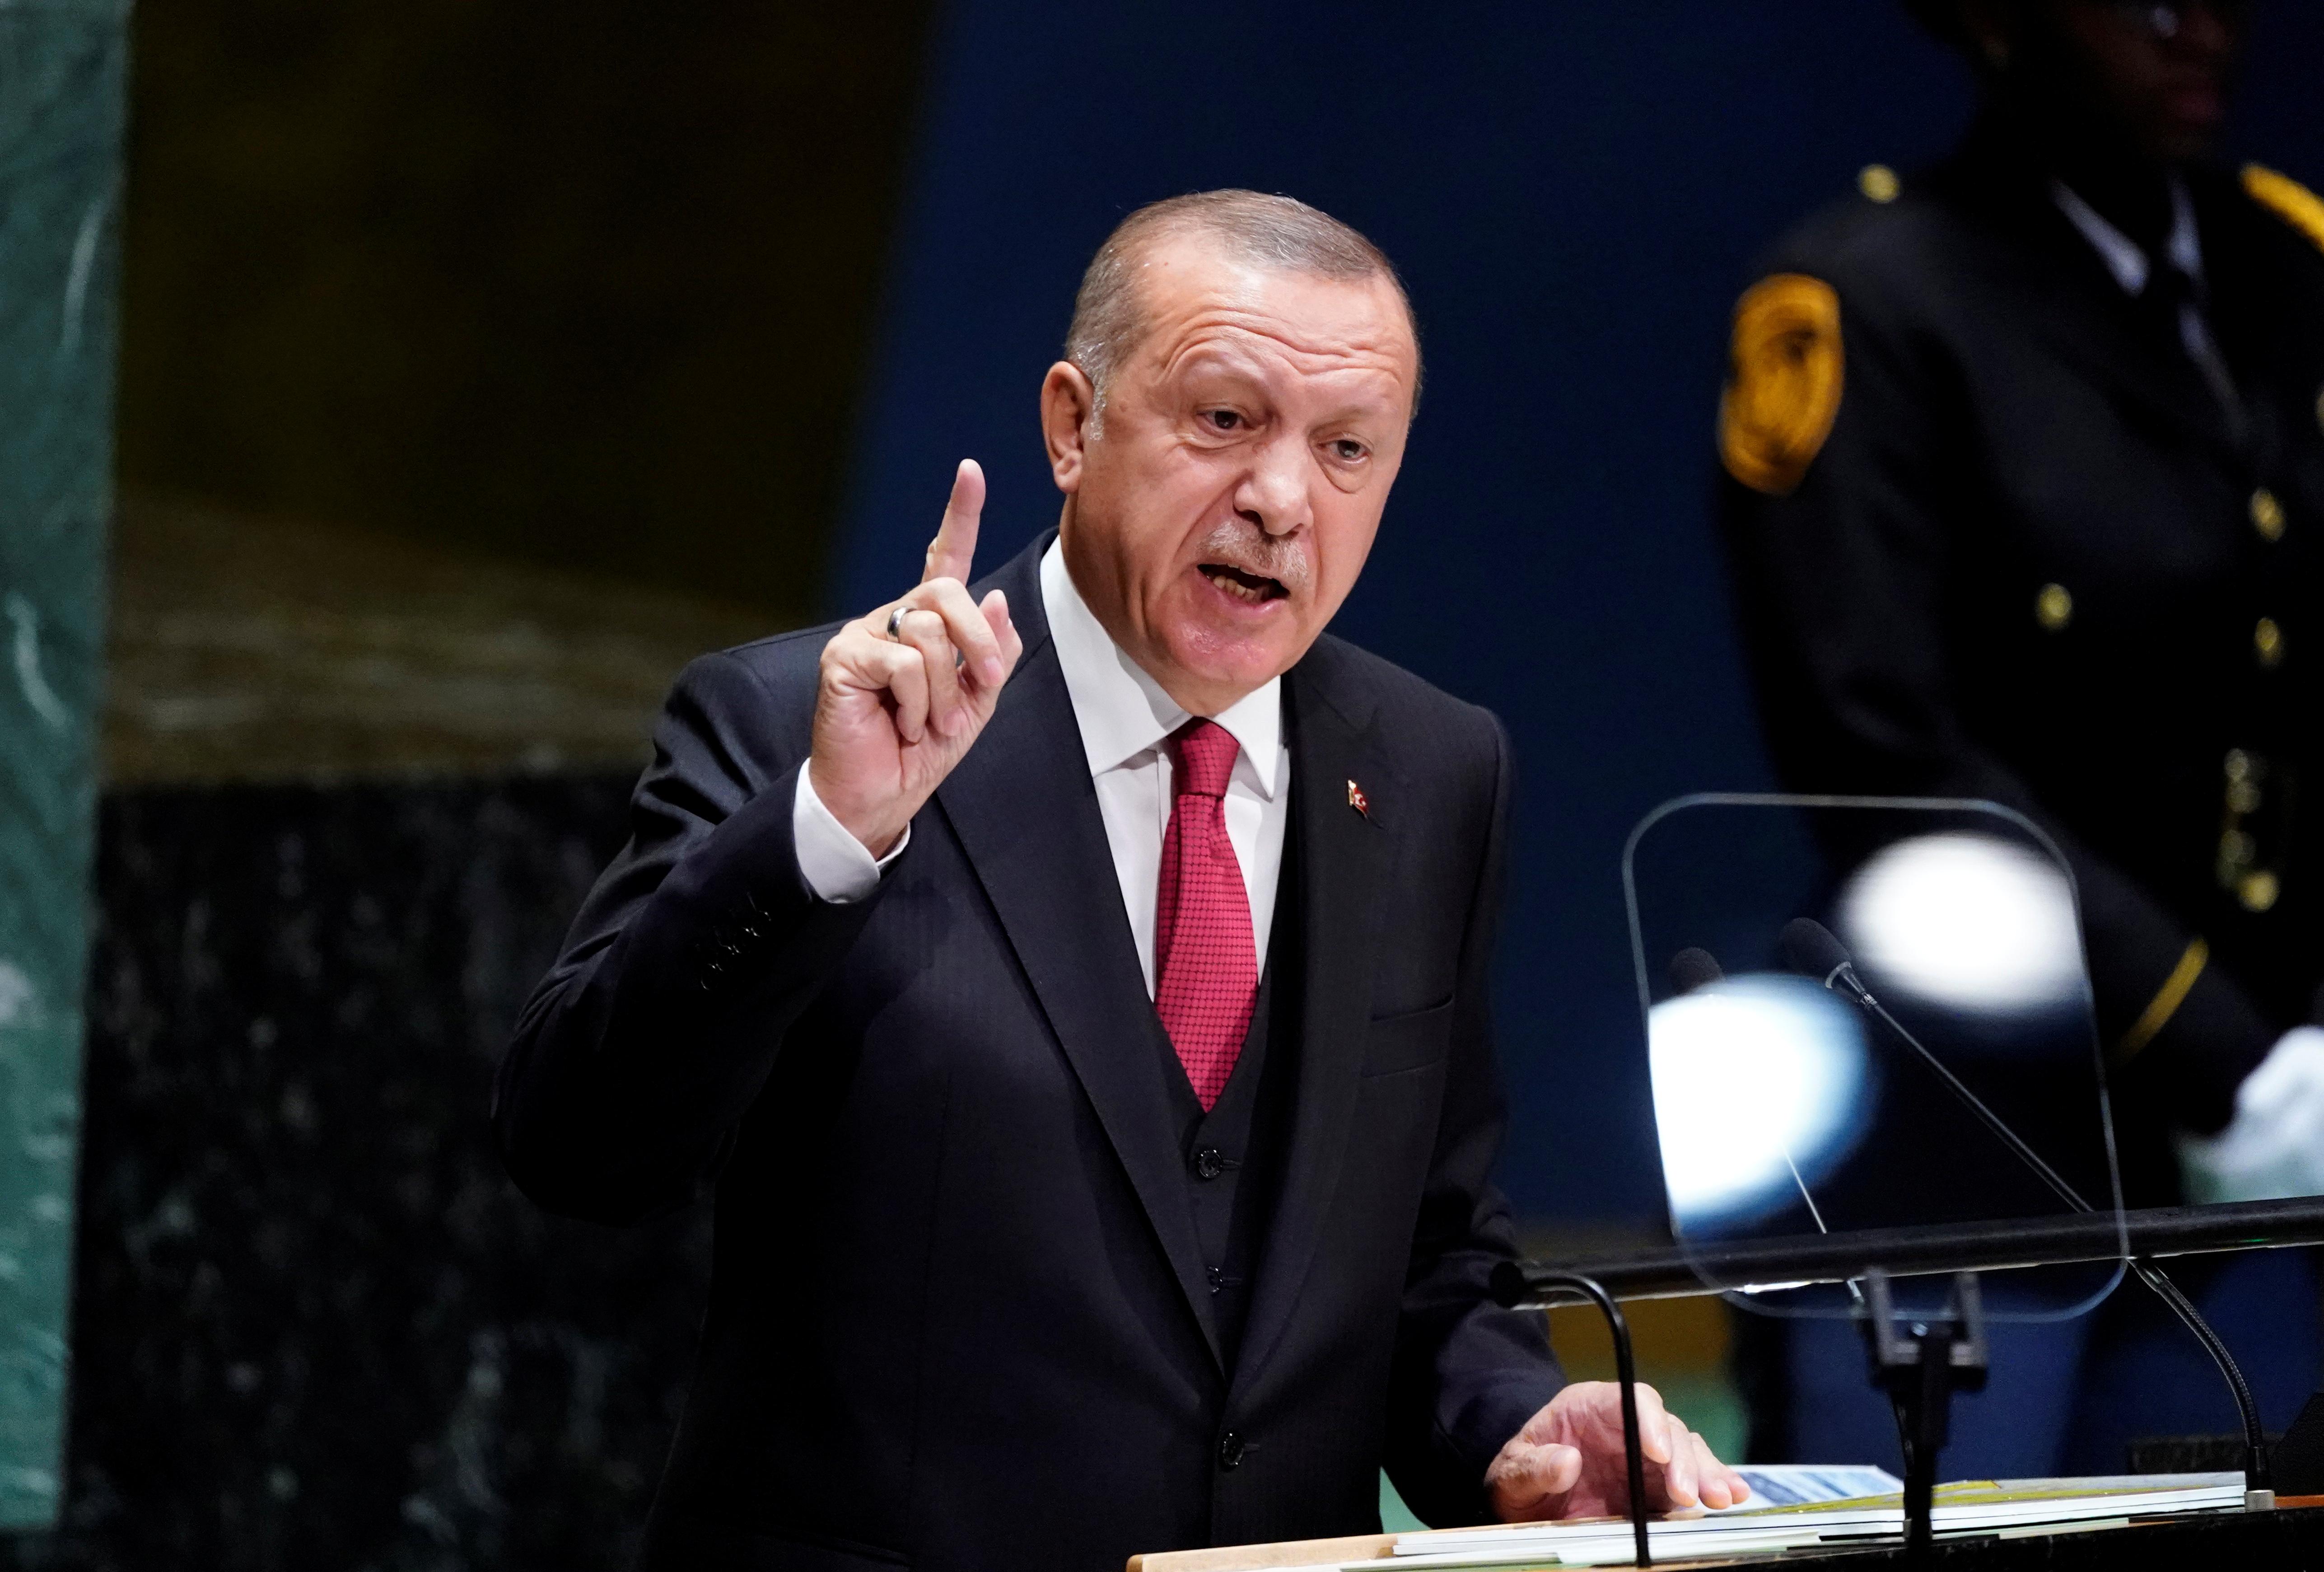 Ο Ερντογάν απαιτεί από τις ΗΠΑ την παράδοση του επικεφαλής των κουρδικών δυνάμεων